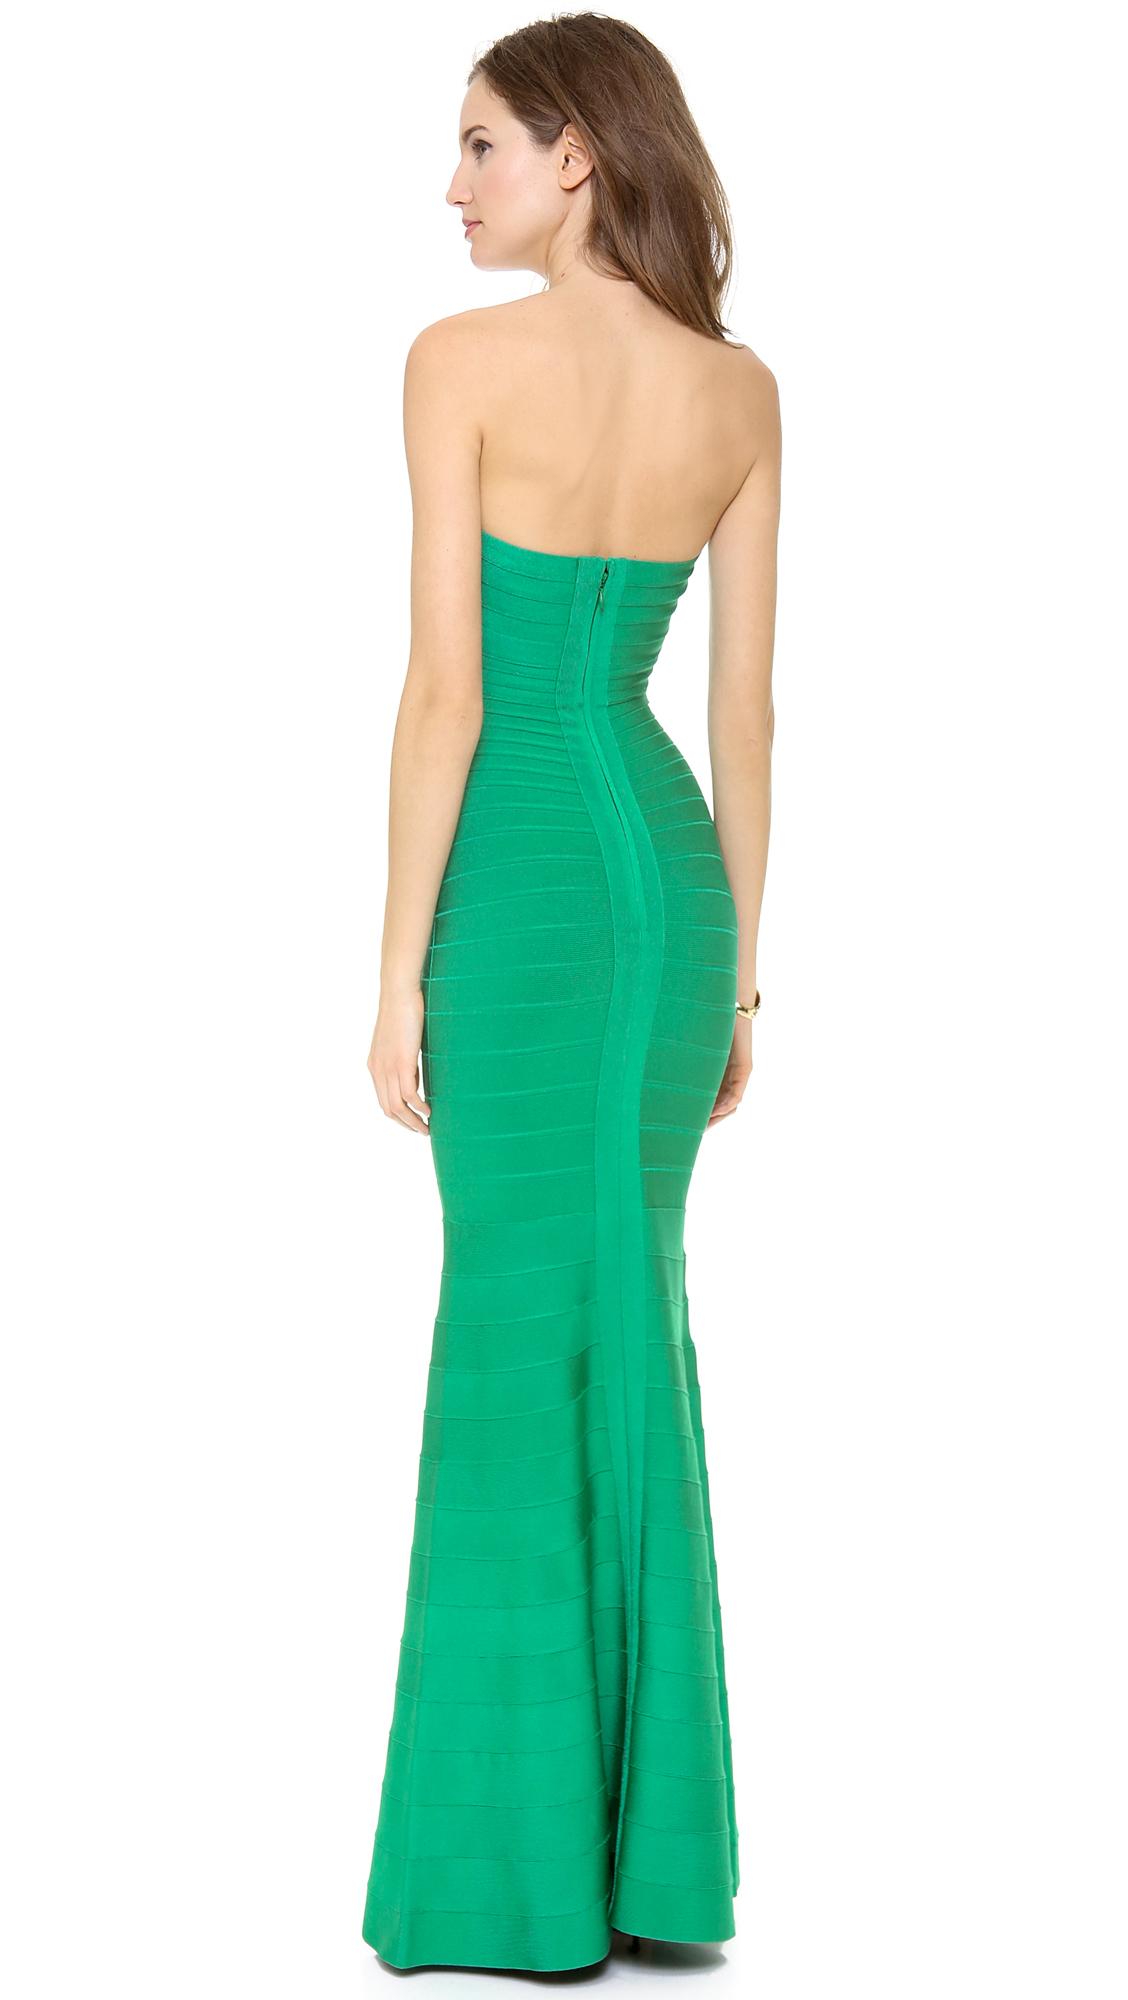 Green Strapless Dresses